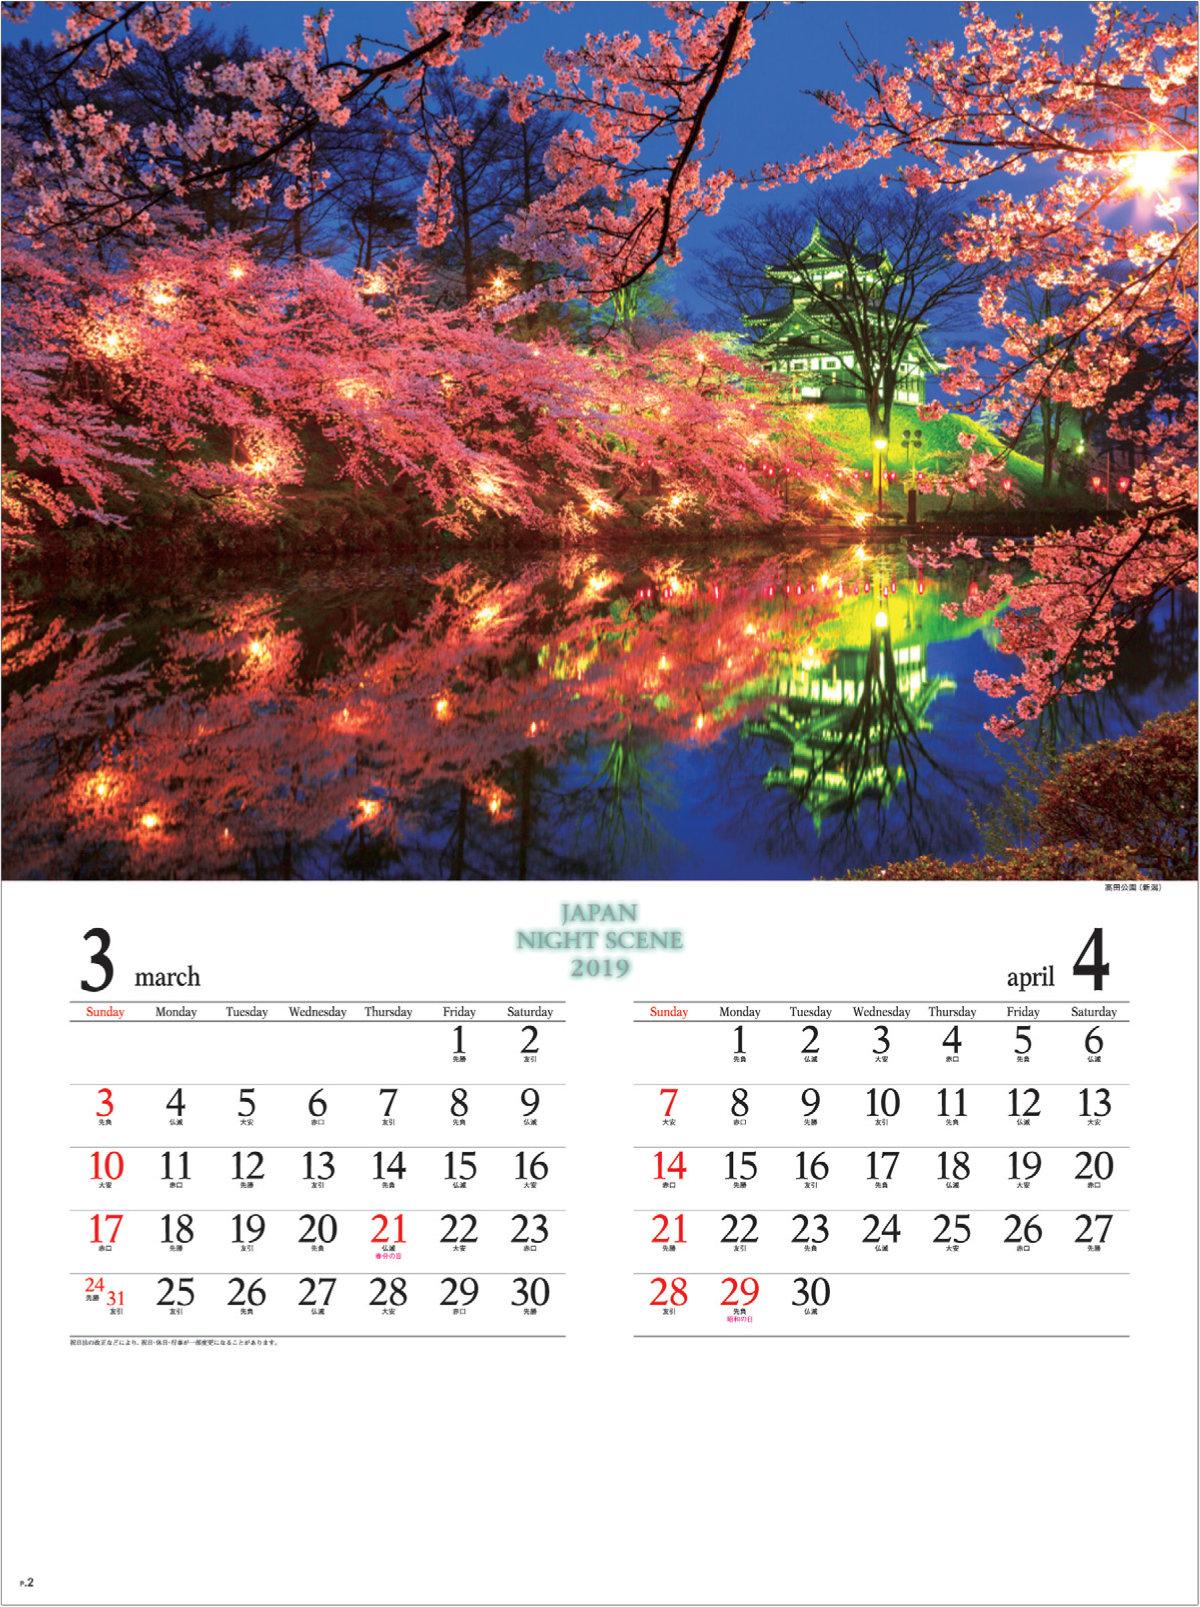 画像:新潟県 高田公園のライトアップされた桜と高田城三重櫓 ジャパンナイトシーン 2019年カレンダー